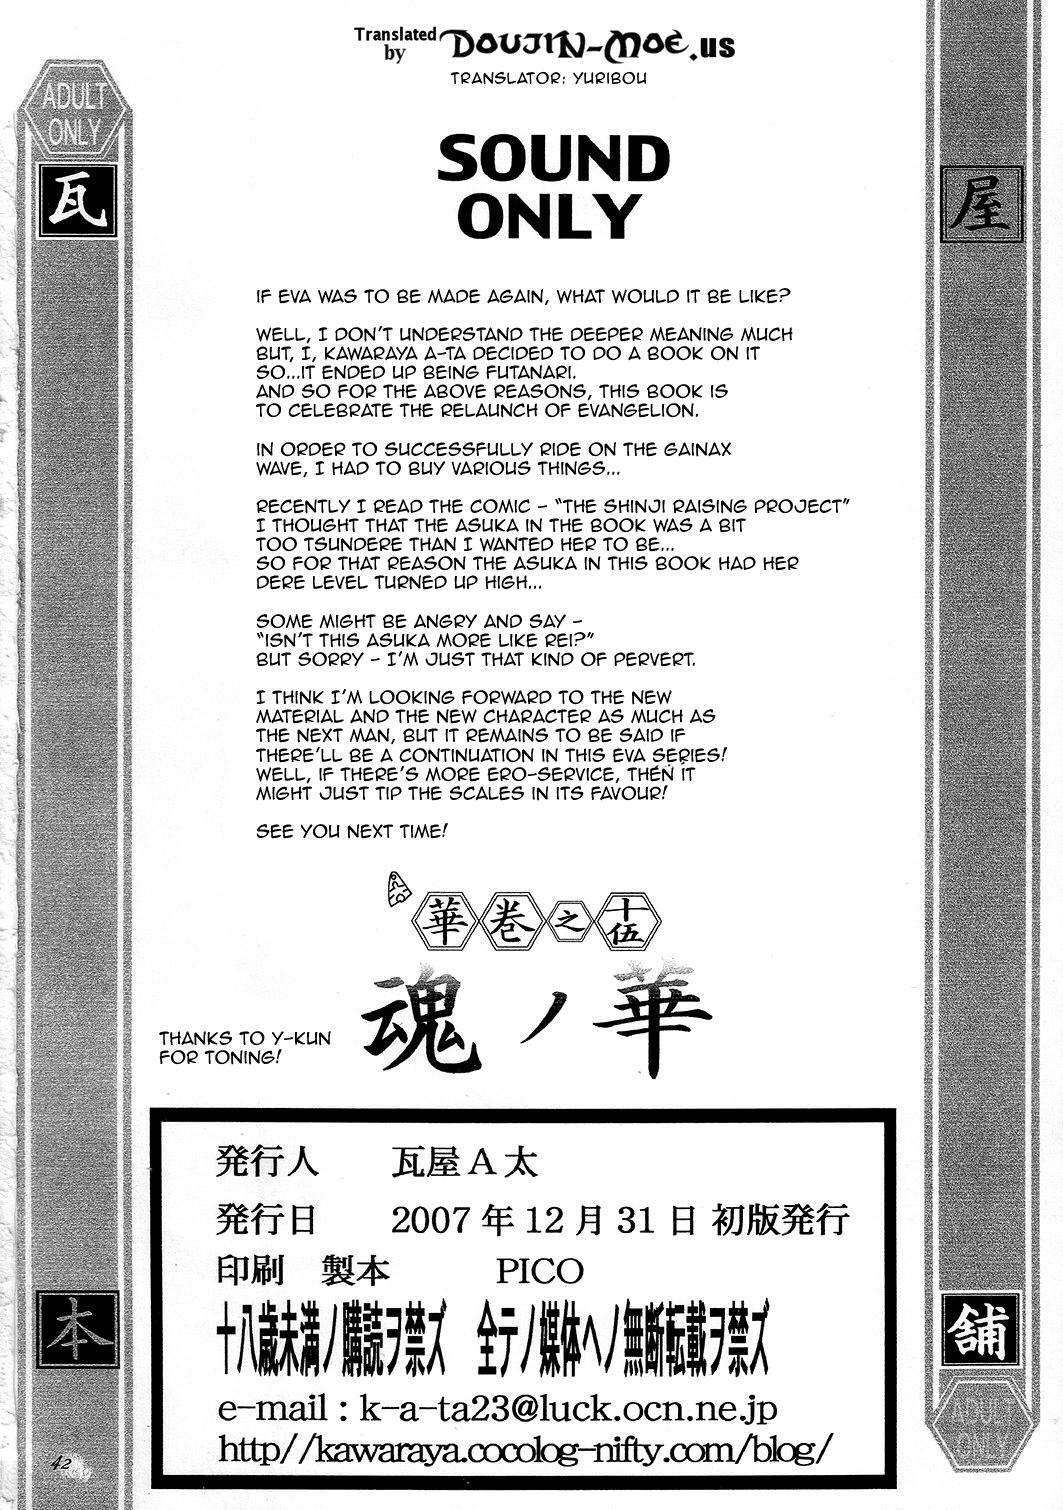 (C73) [Kawaraya Honpo (Kawaraya A-ta)] Hana - Maki no Juugo - Tama no Hana (Neon Genesis Evangelion) [English] {doujin-moe.us} 40